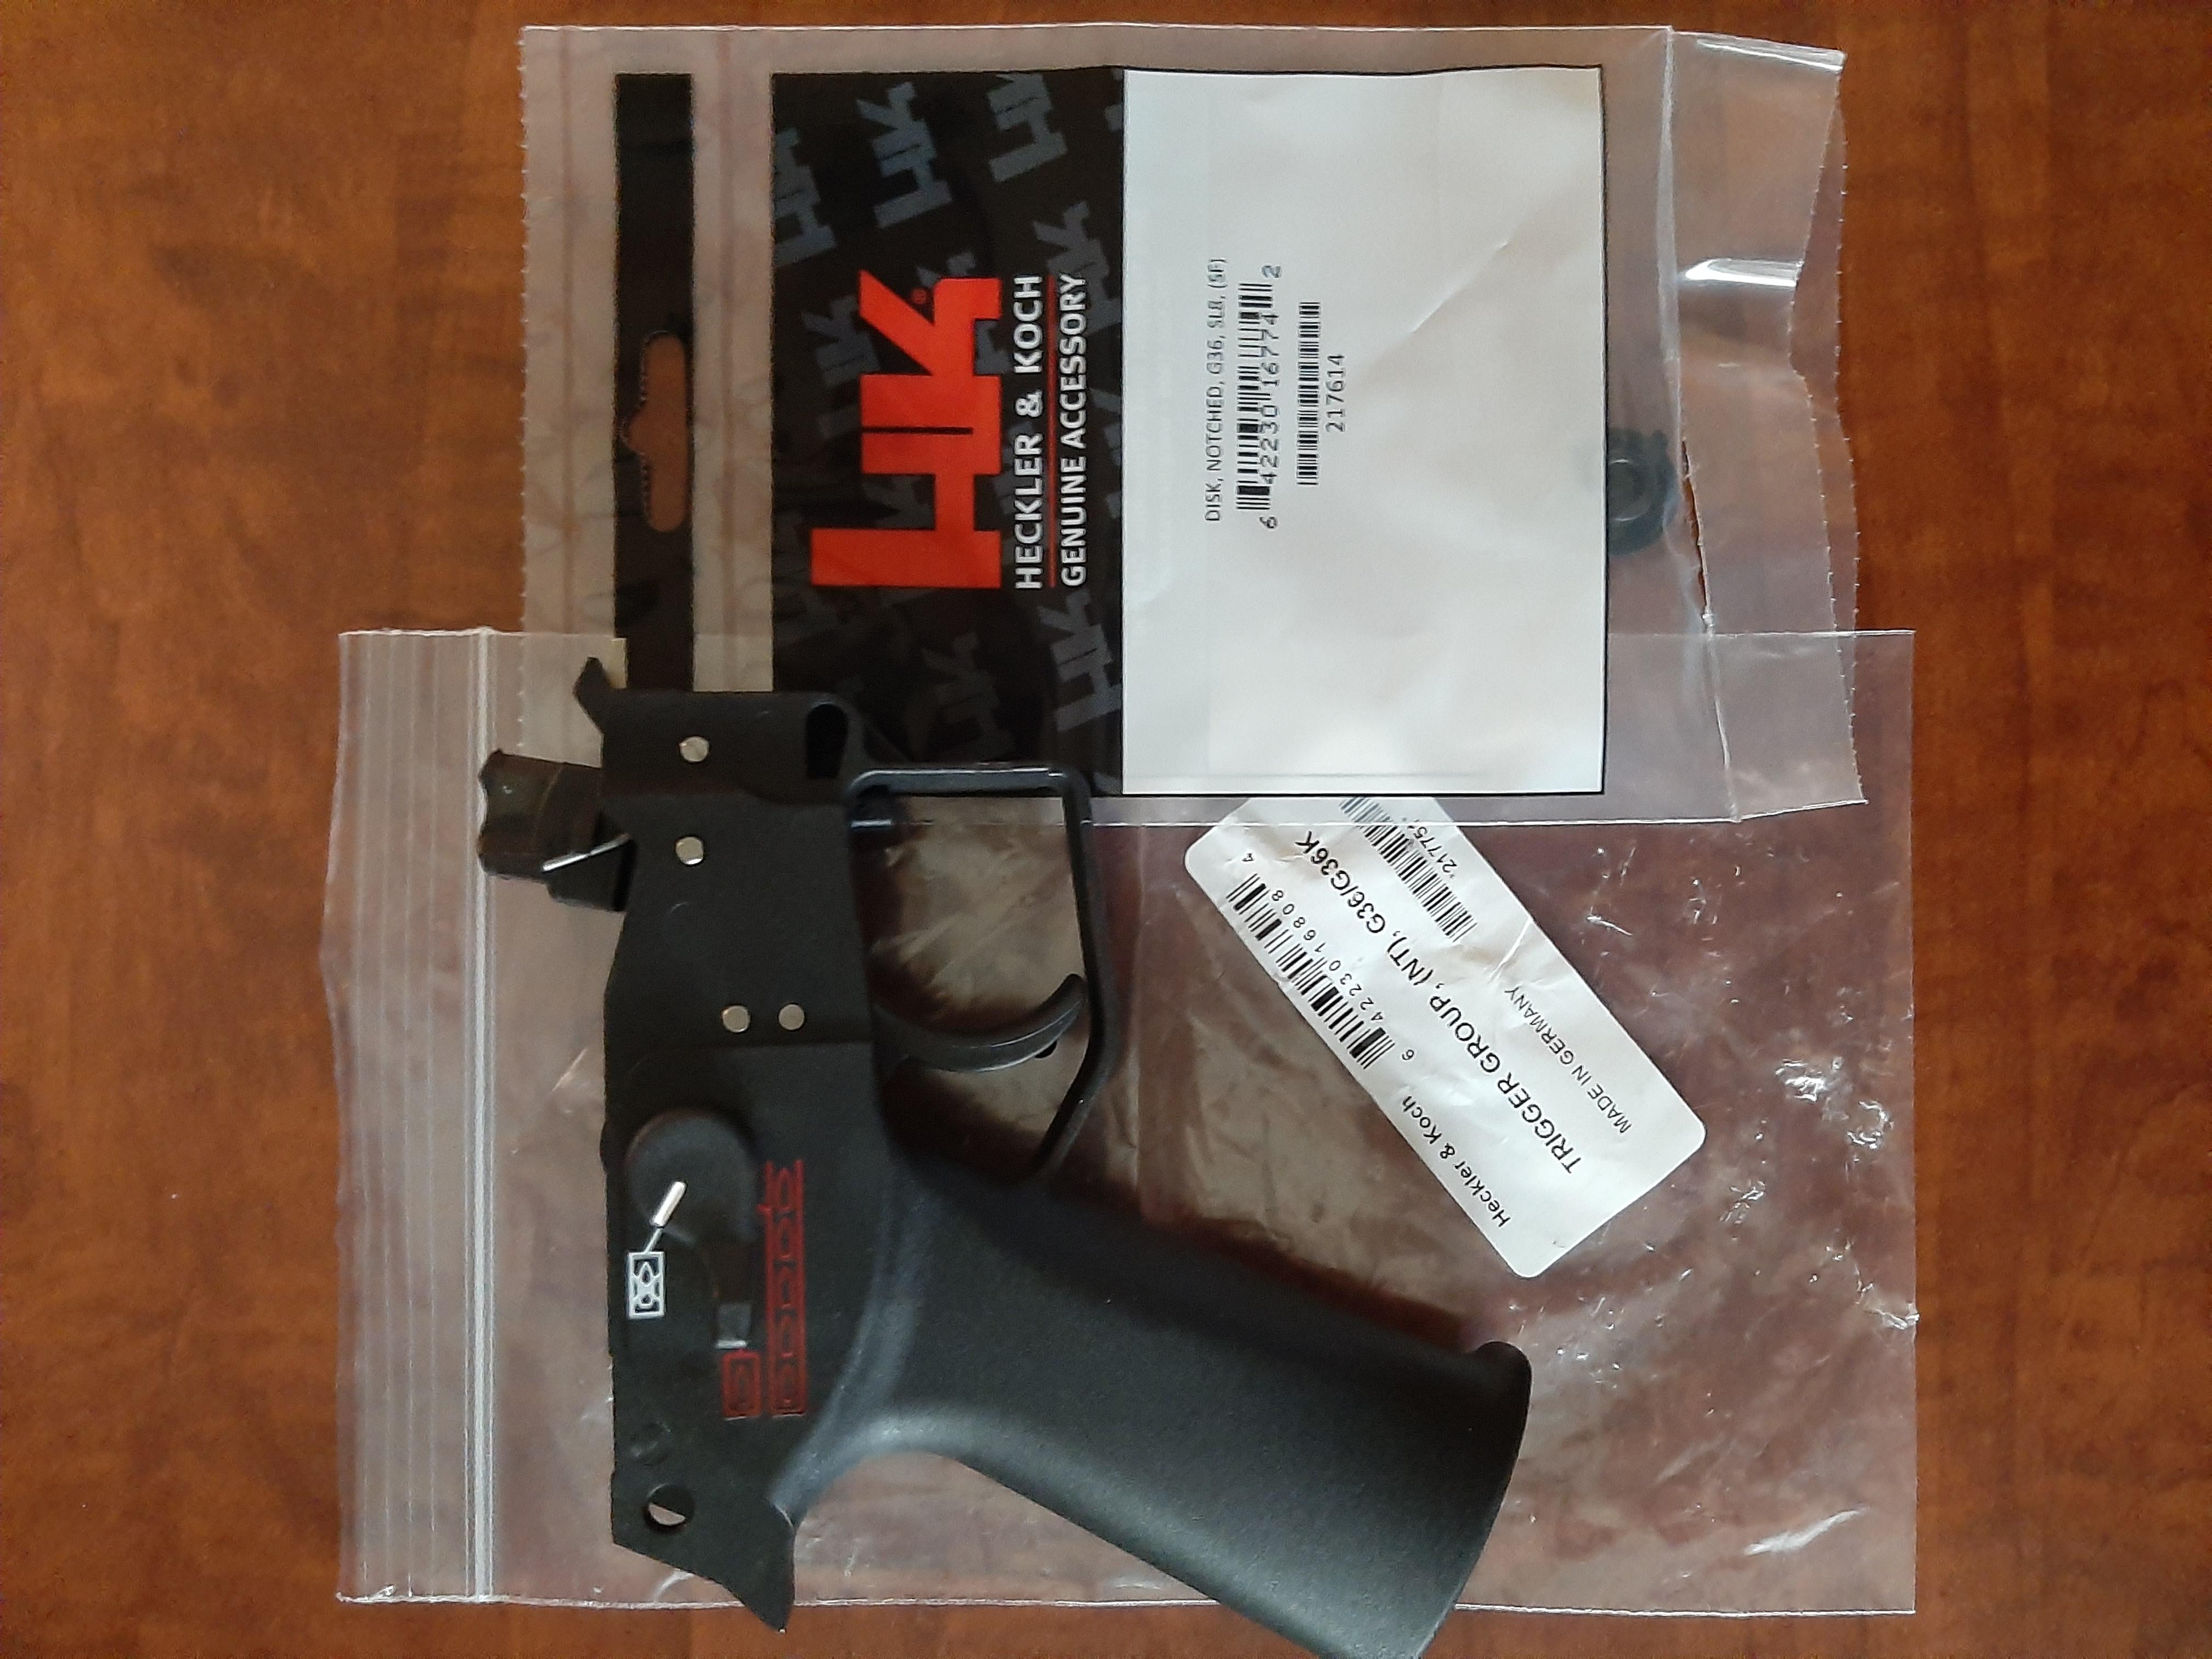 WTS: G36 parts (NIB)-20200802_171425.jpg